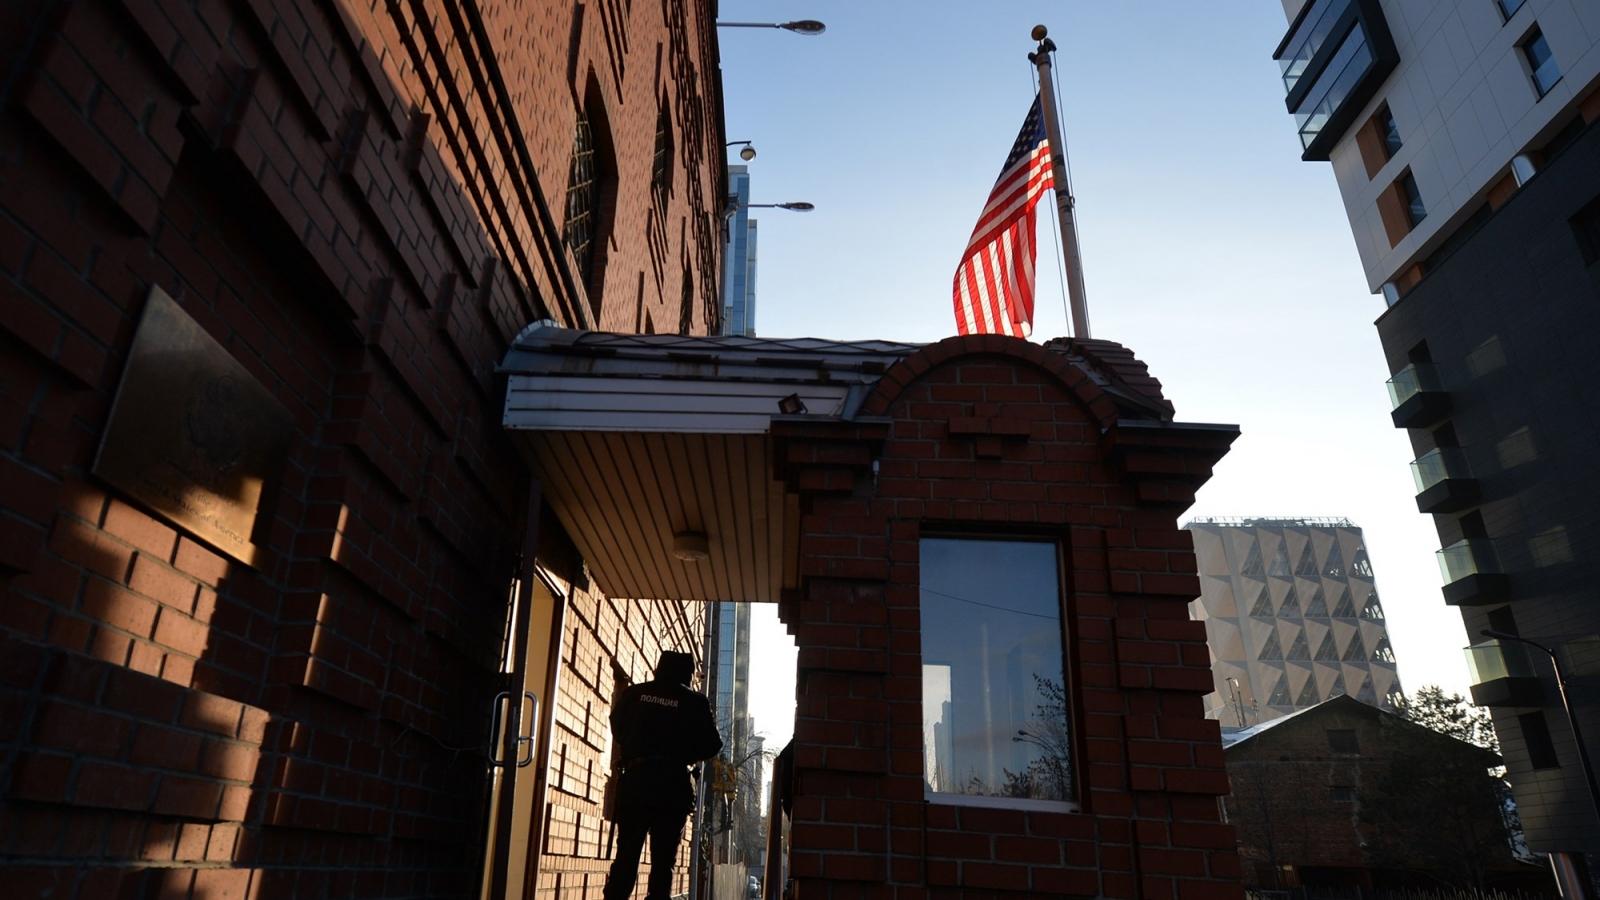 Chính quyền ông Trump có kế hoạch đóng cửa 2 lãnh sự quán cuối cùng tại Nga